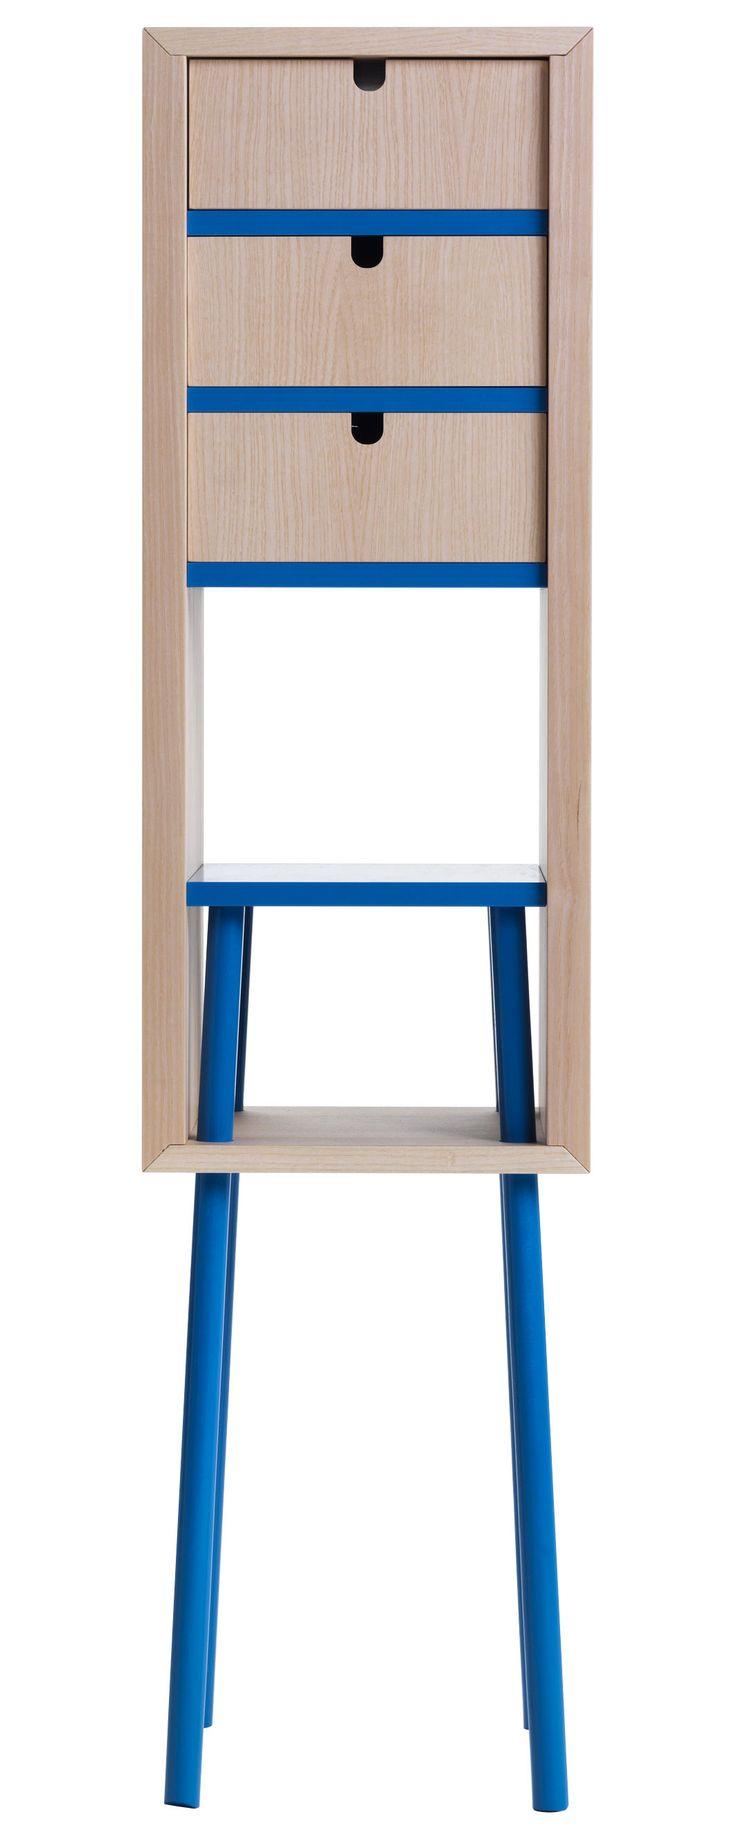 Ablage Obi / Groß   H 120 Cm   Mit 3 Schubladen, Natur / Blau